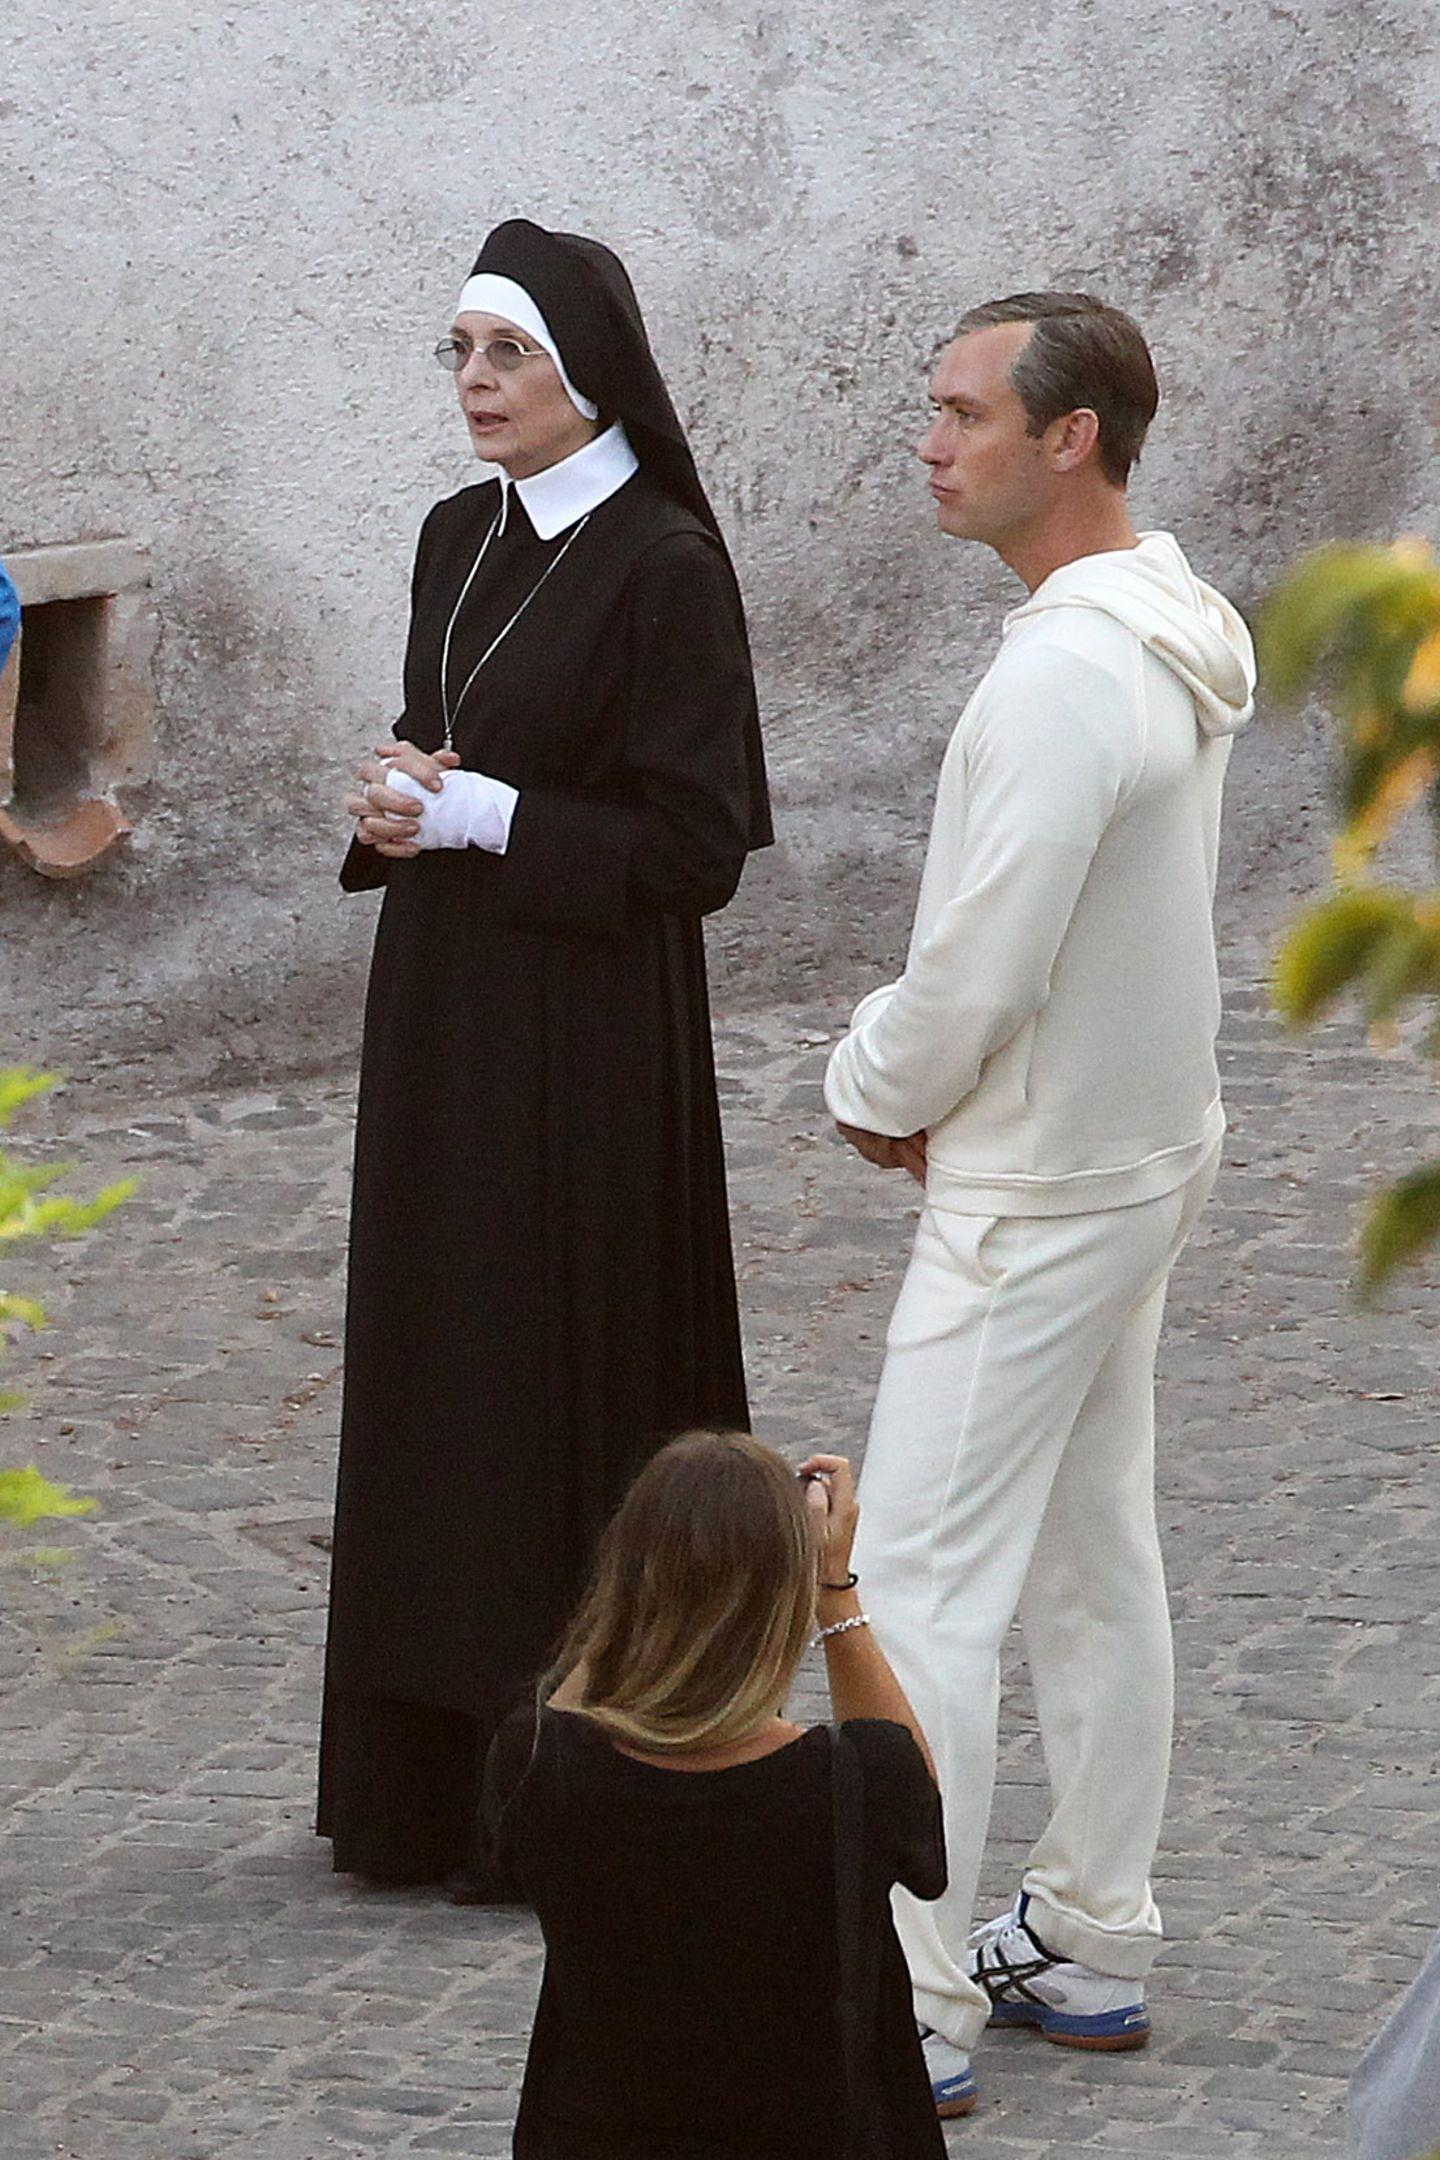 5. August 2015: Diane Keaton steht als Nonne und Jude Law steht als Papst für ein TV-Drama vor der Kamera.